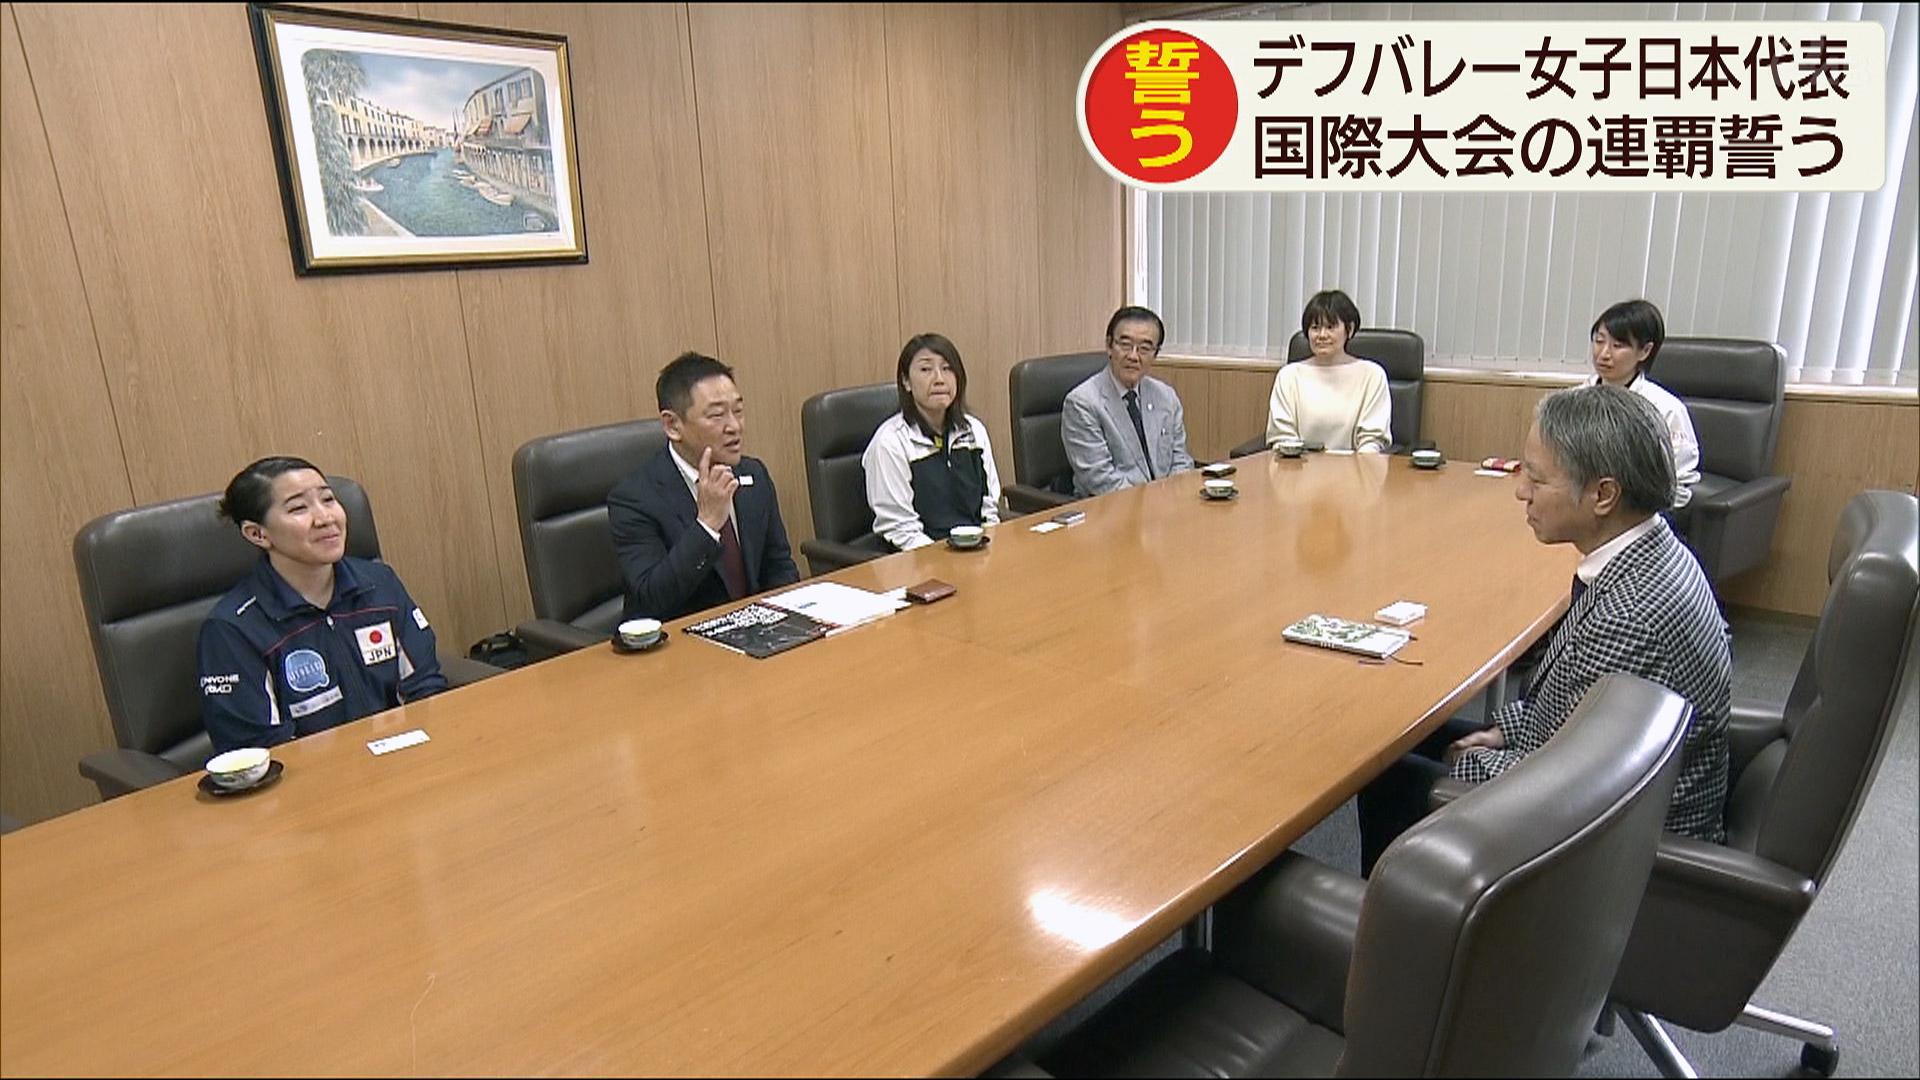 日本代表女子デフバレー表敬訪問